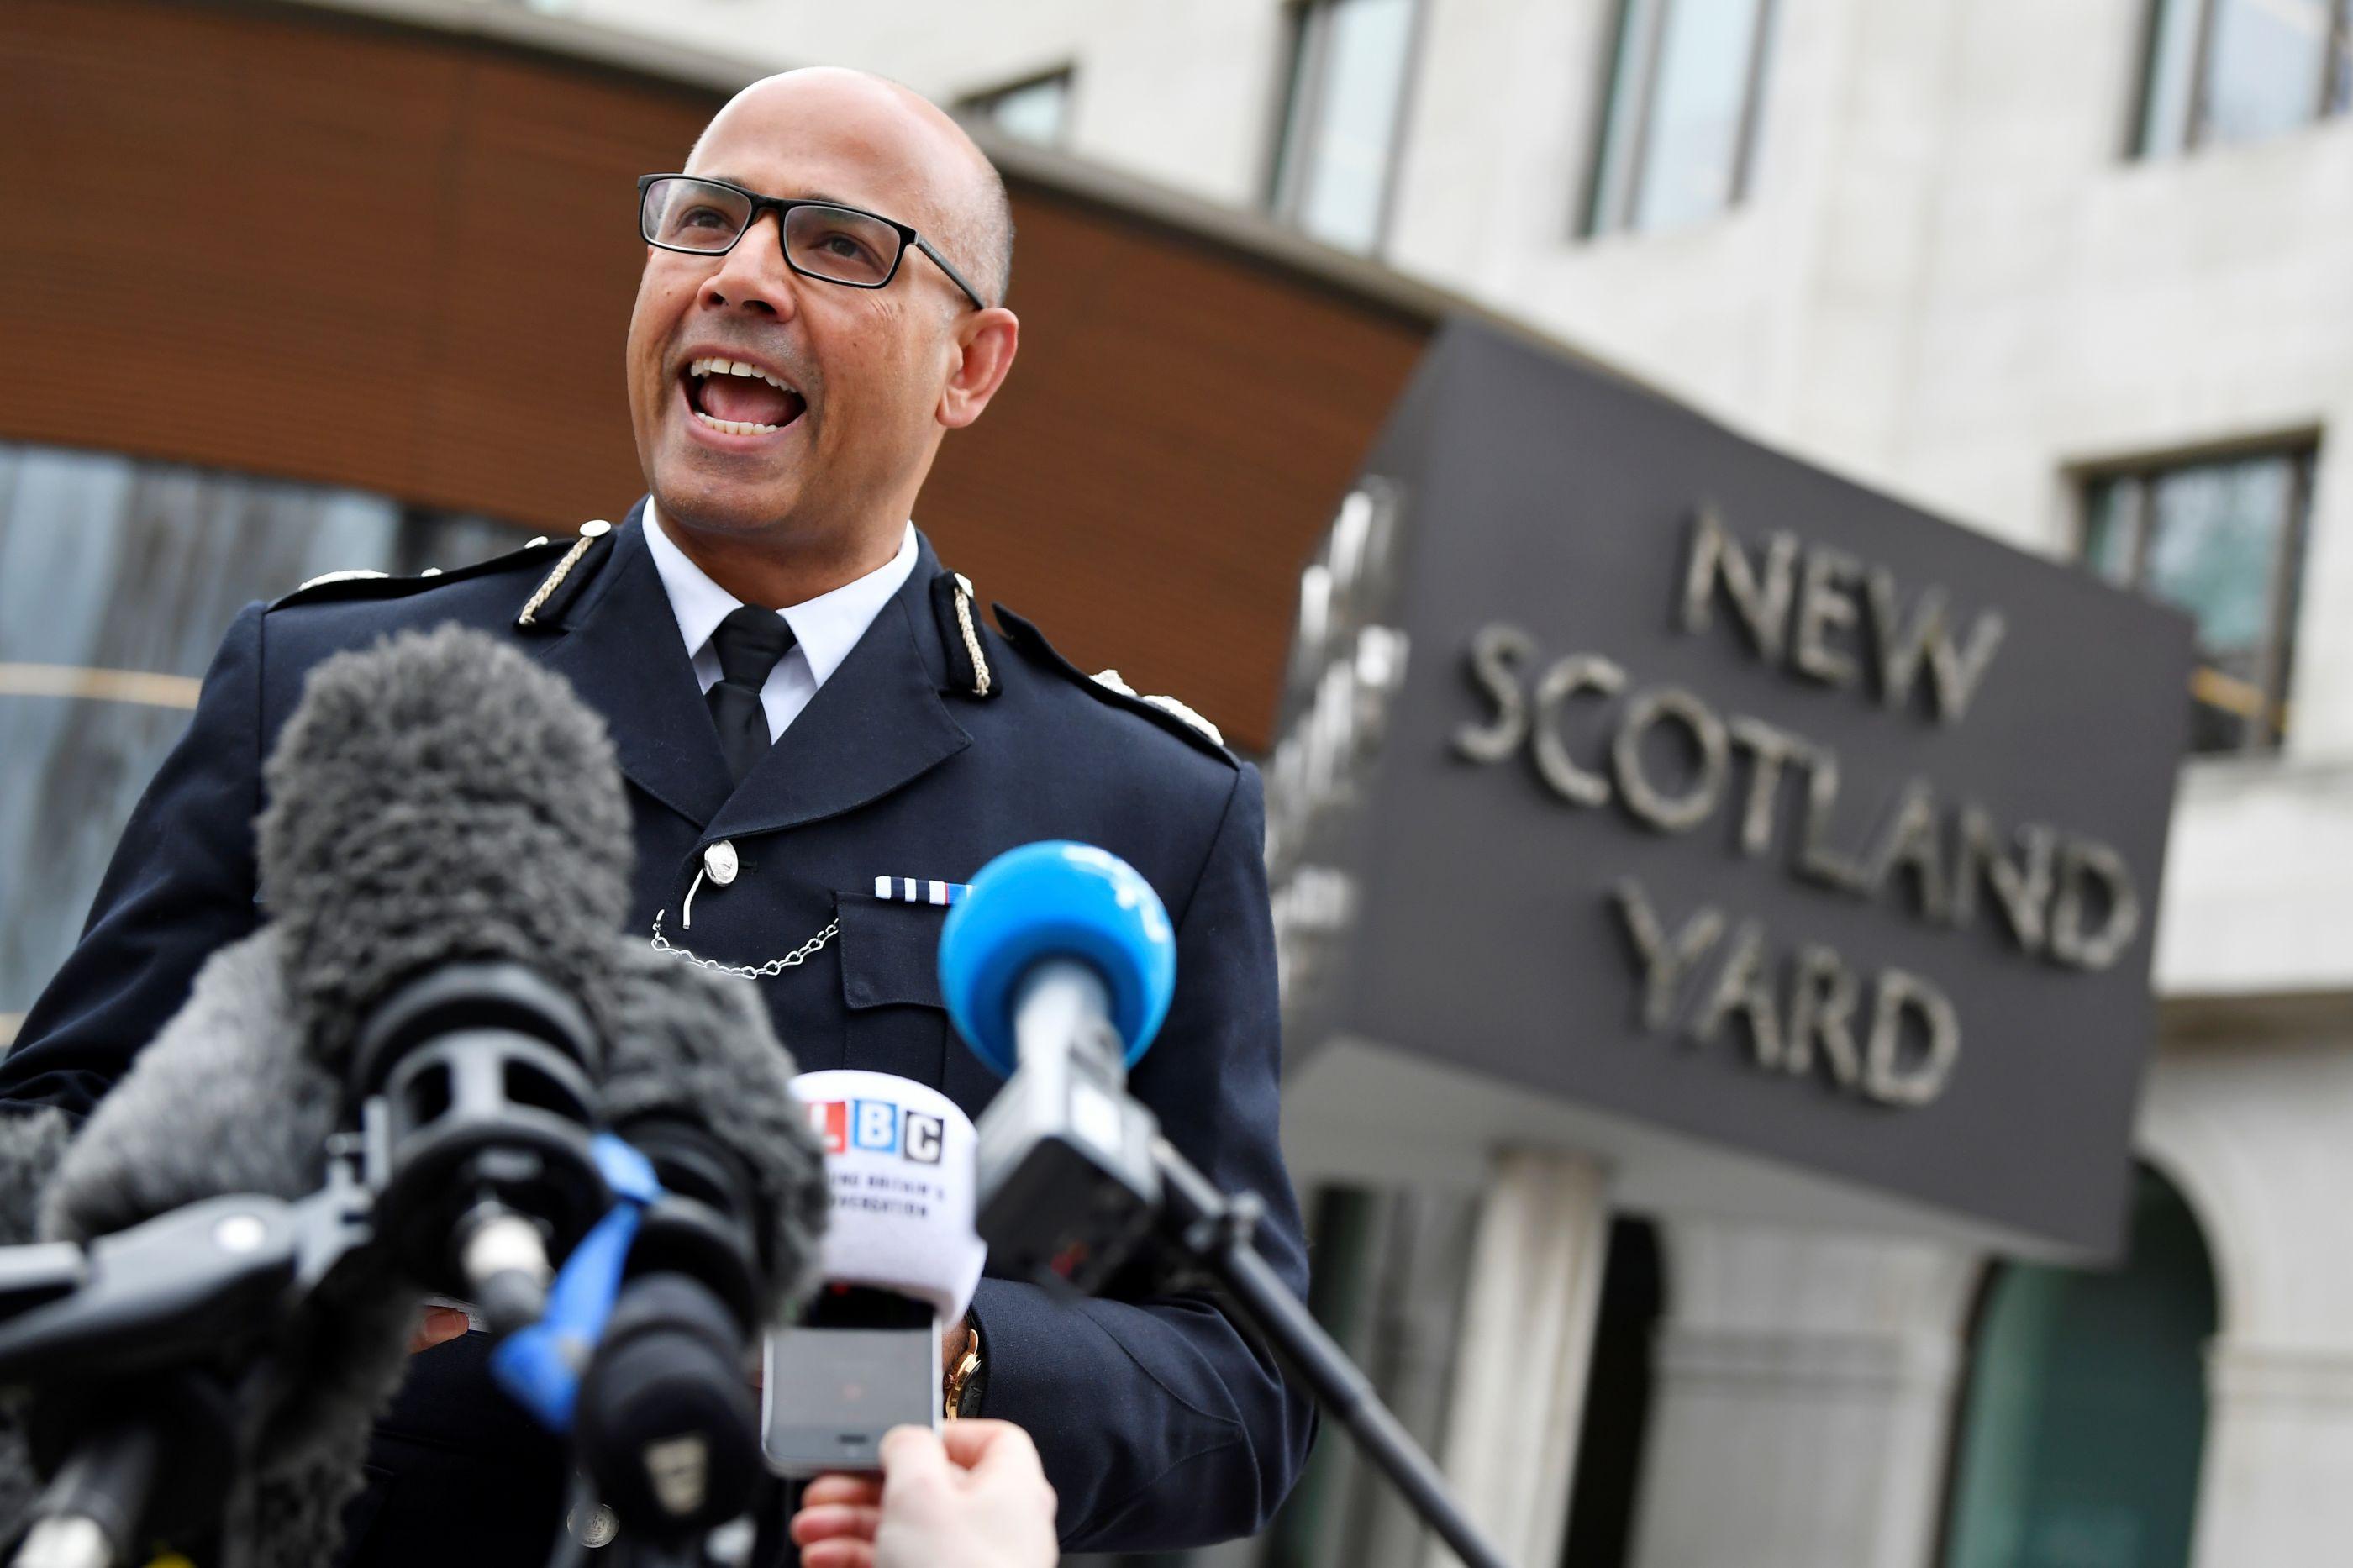 Dois engenhos explosivos encontrados em Londres. Aberta investigação